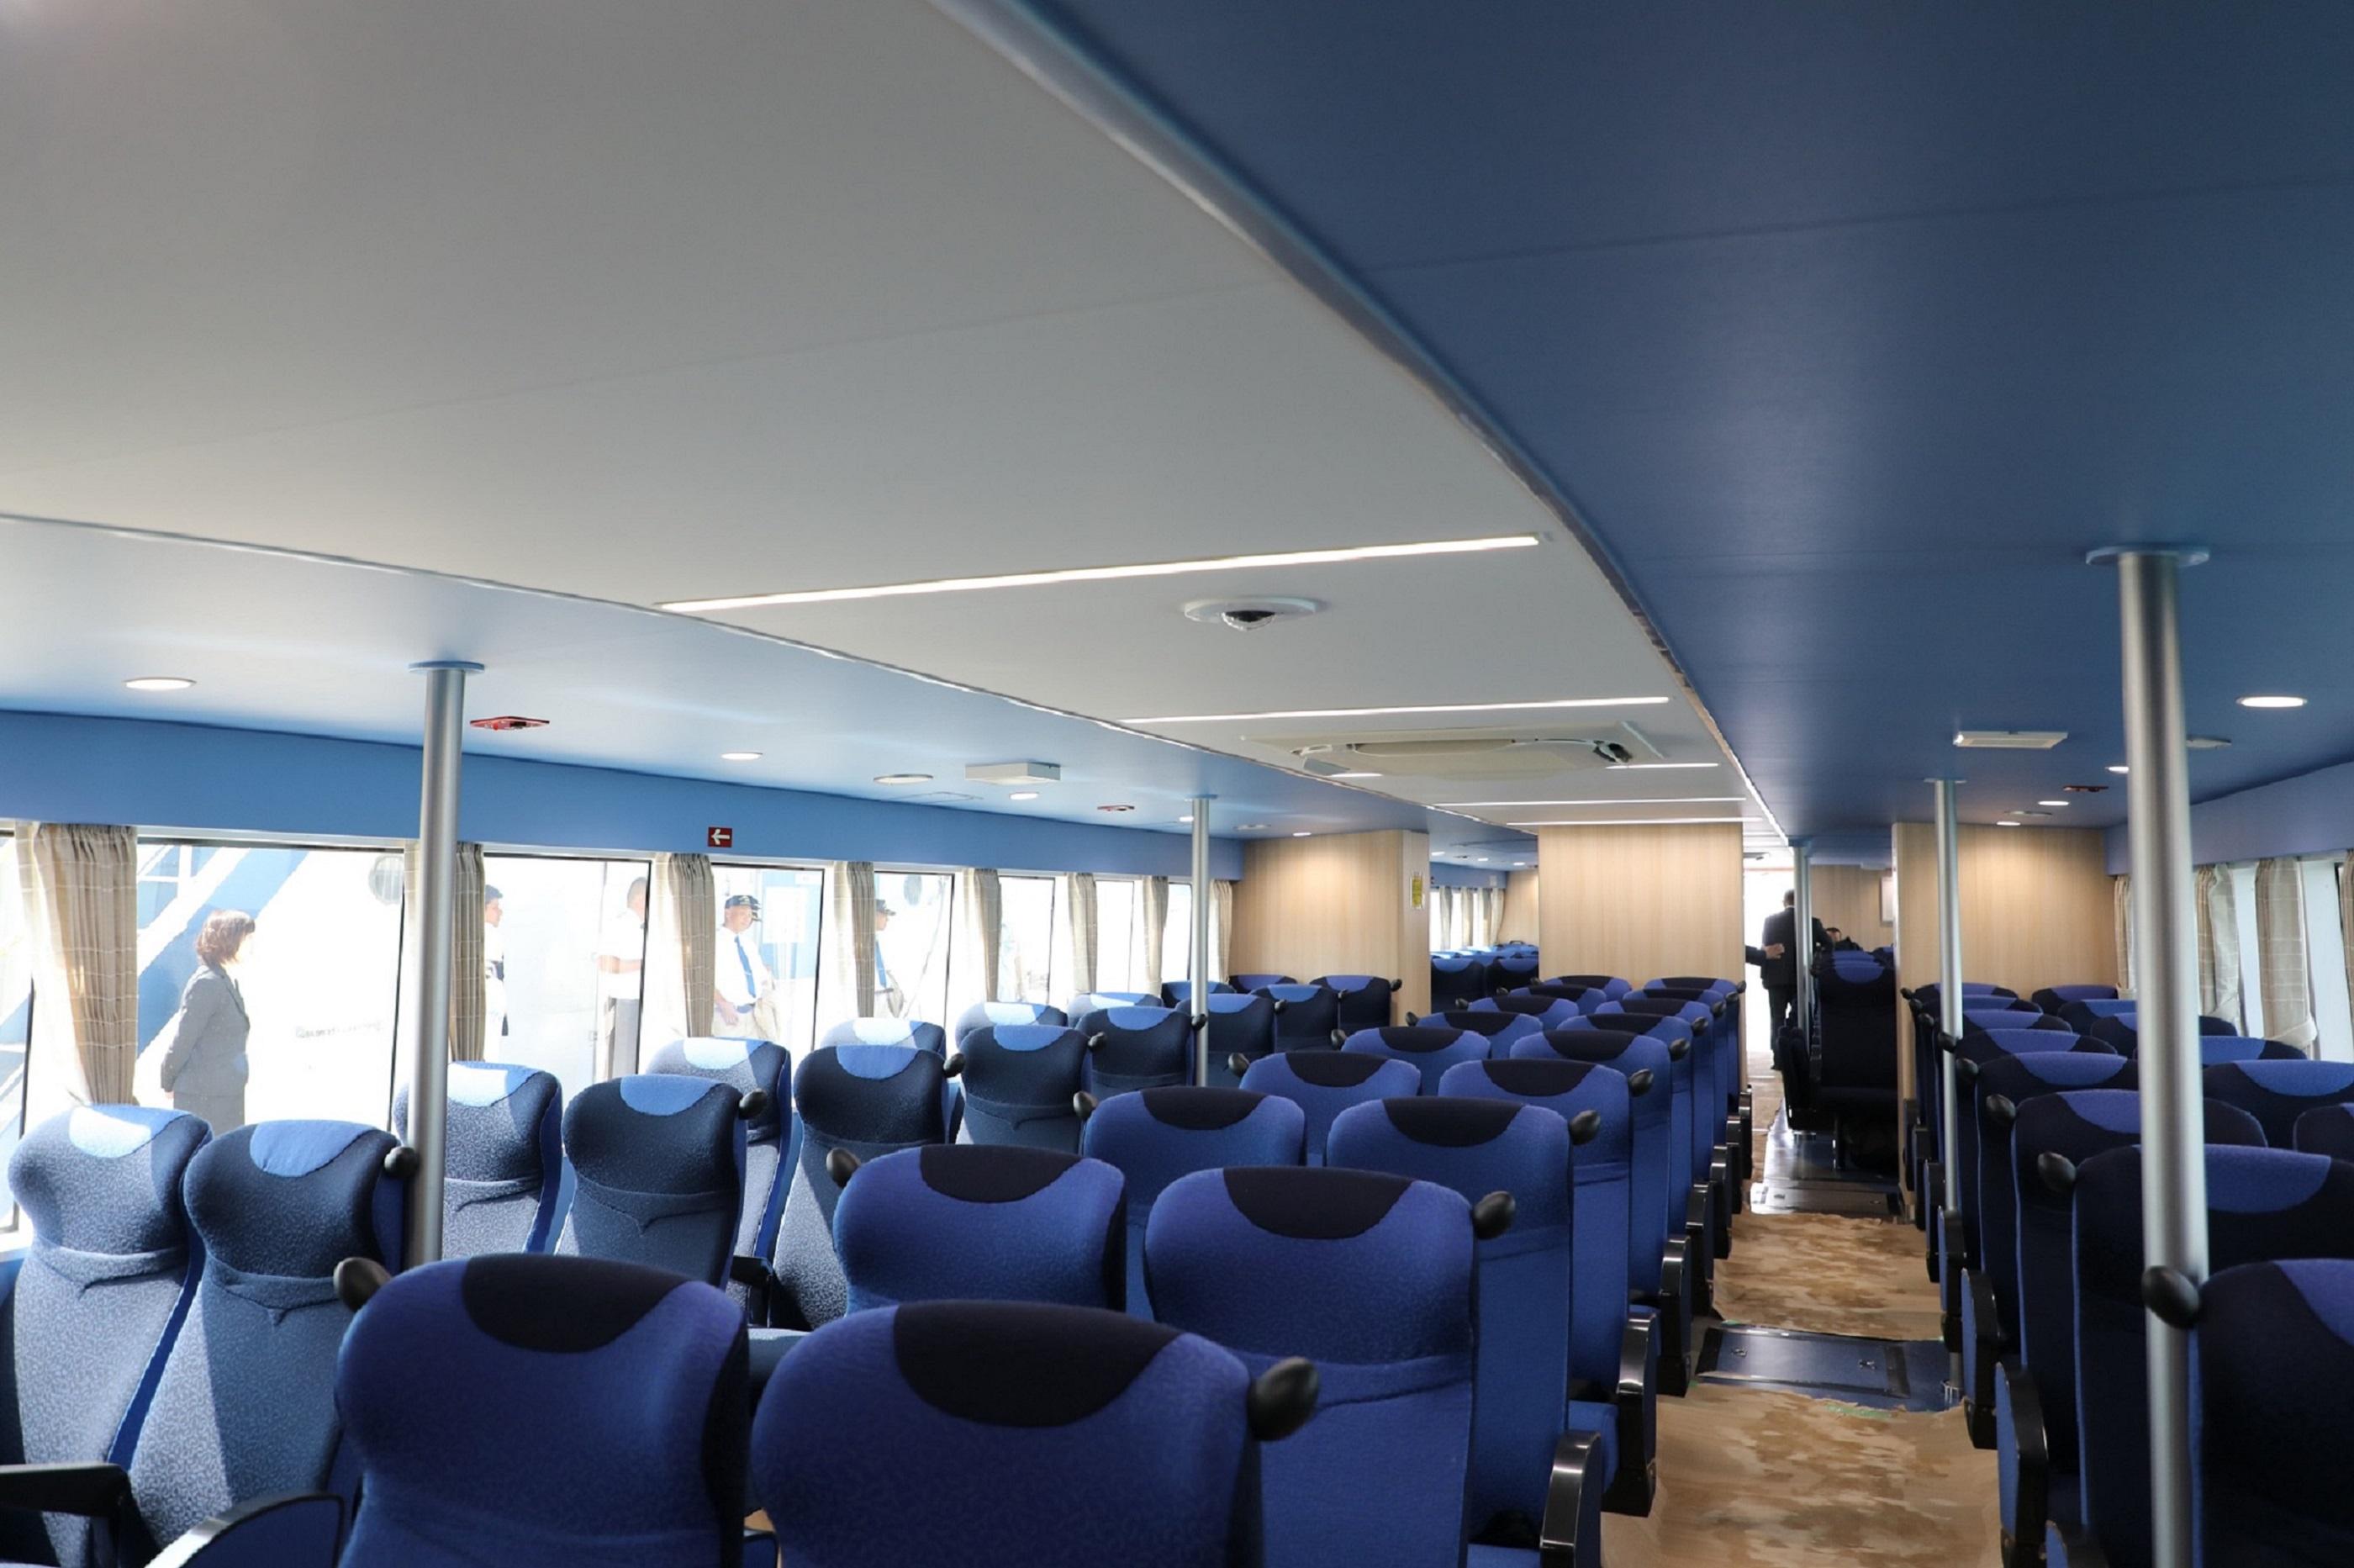 青く澄み渡った海と空をイメージした船内